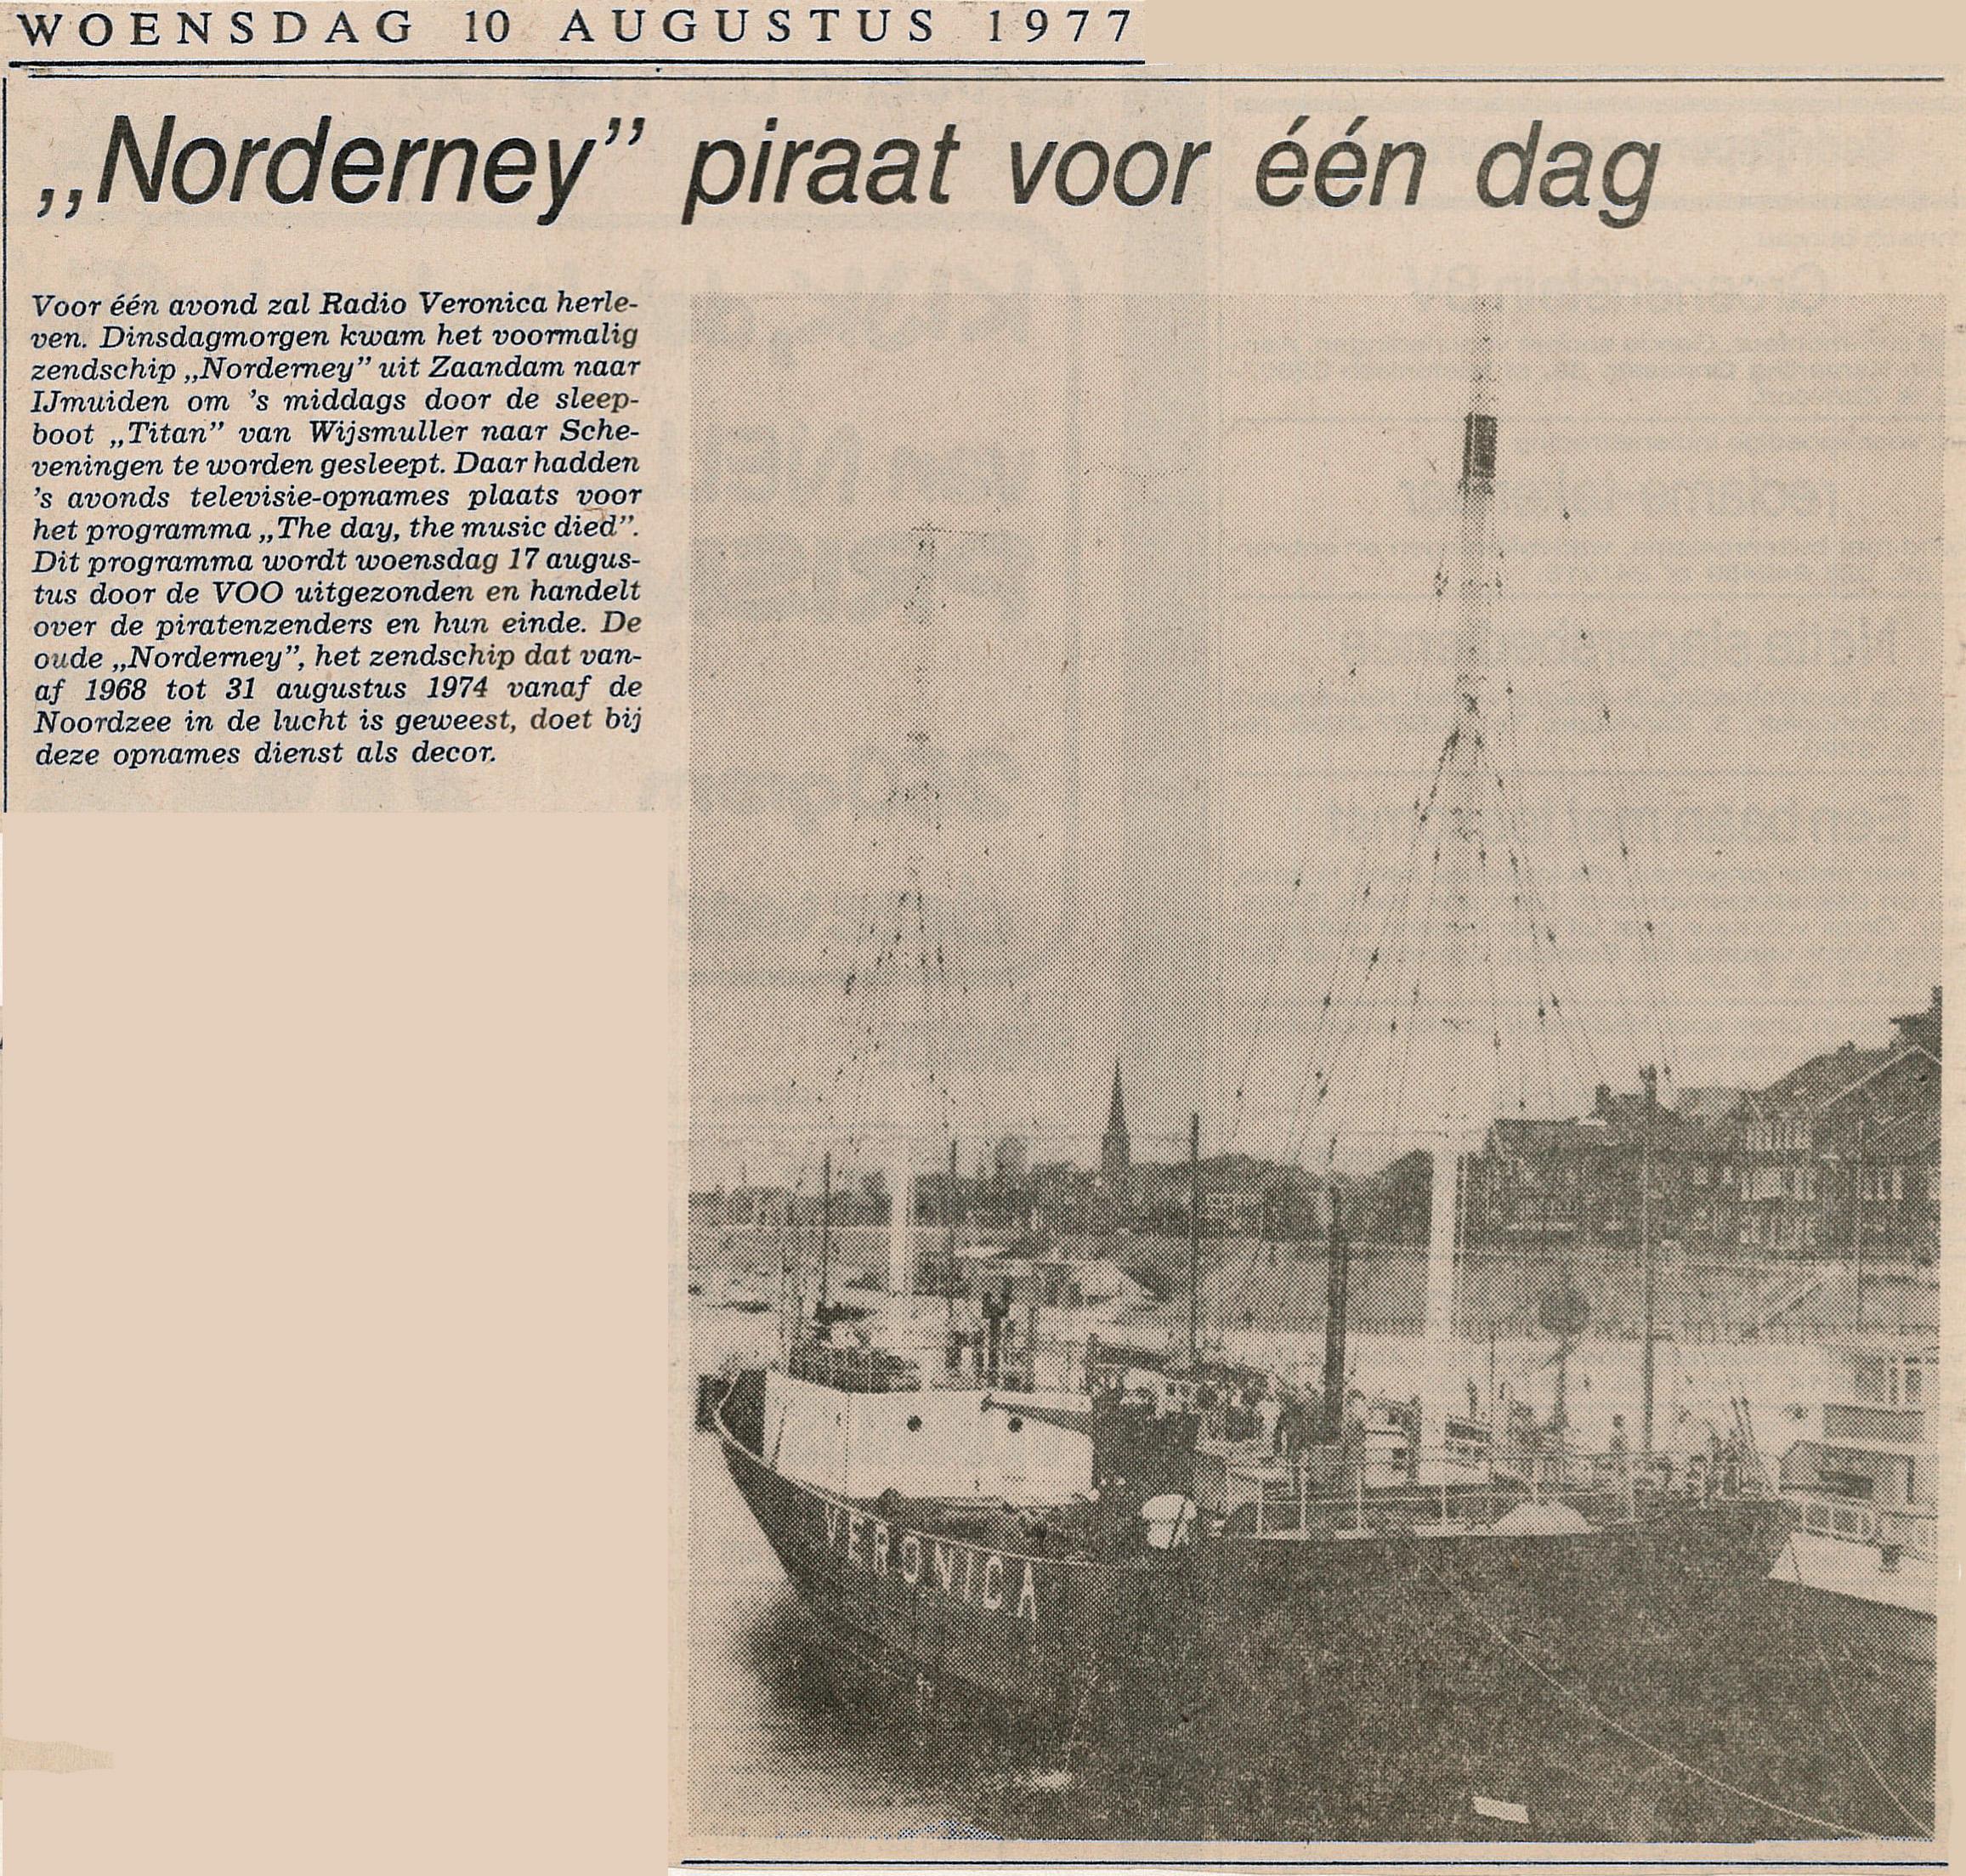 19770810 Norderney Piraat voor een dag.jpg